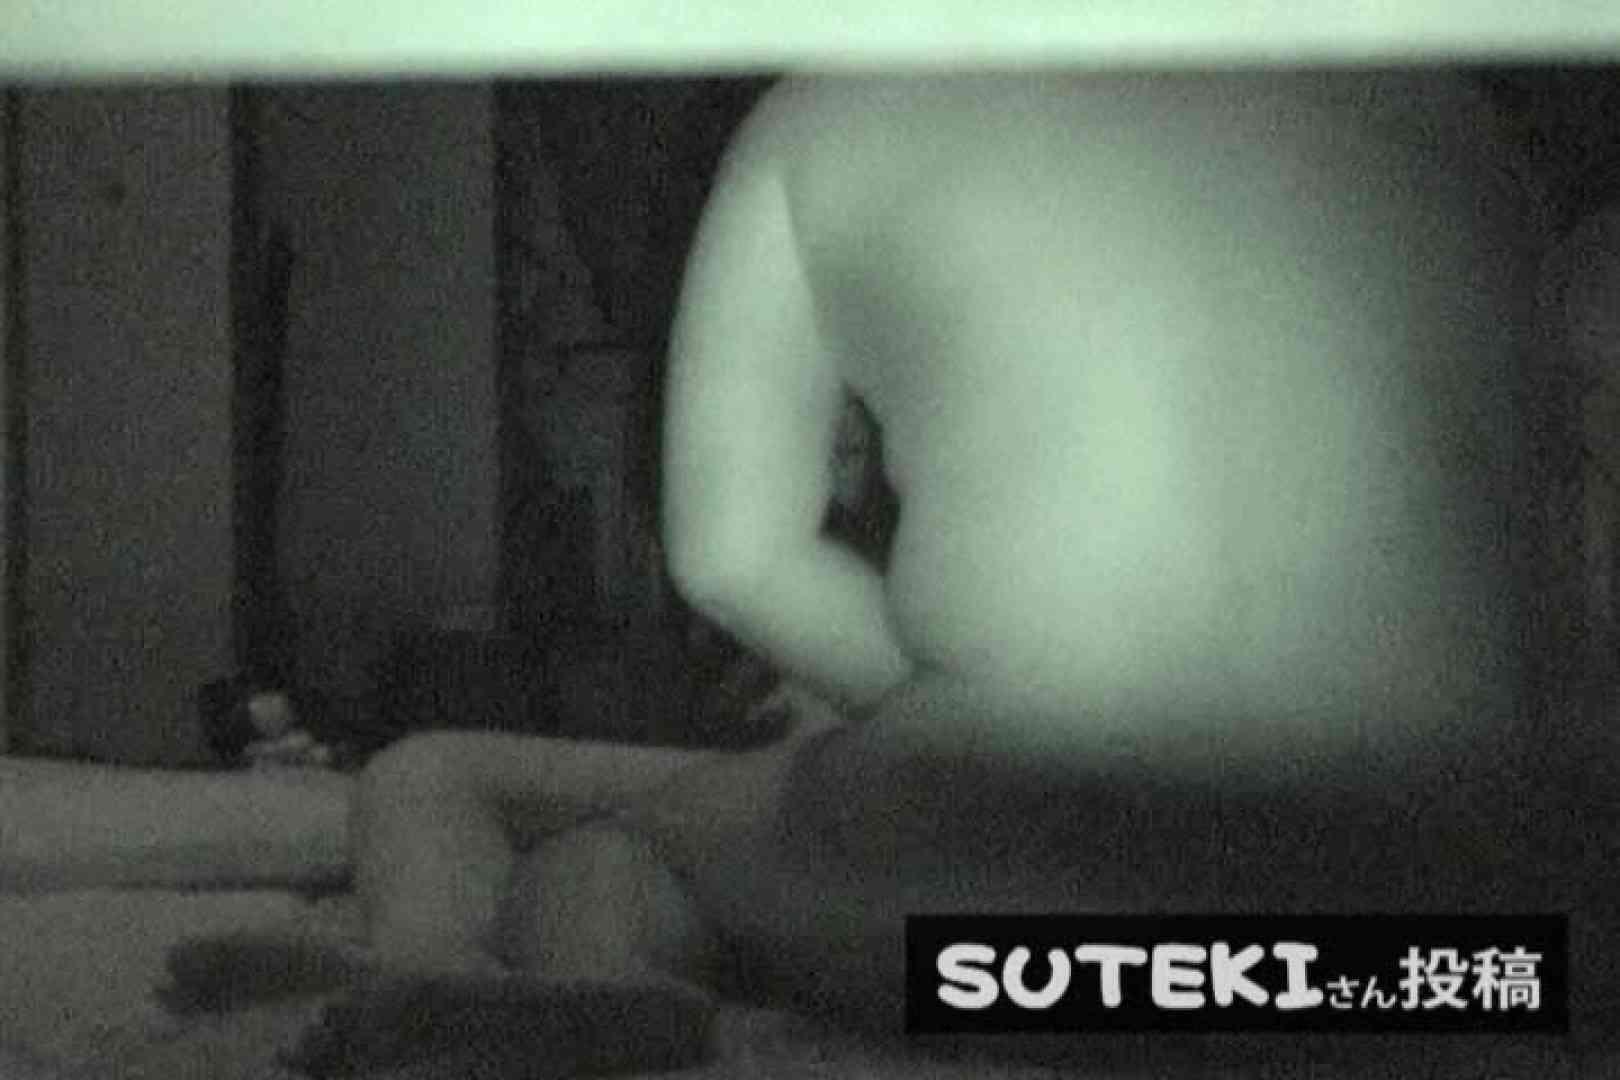 SUTEKIさん投稿 ナイトショット 投稿物 戯れ無修正画像 93連発 44